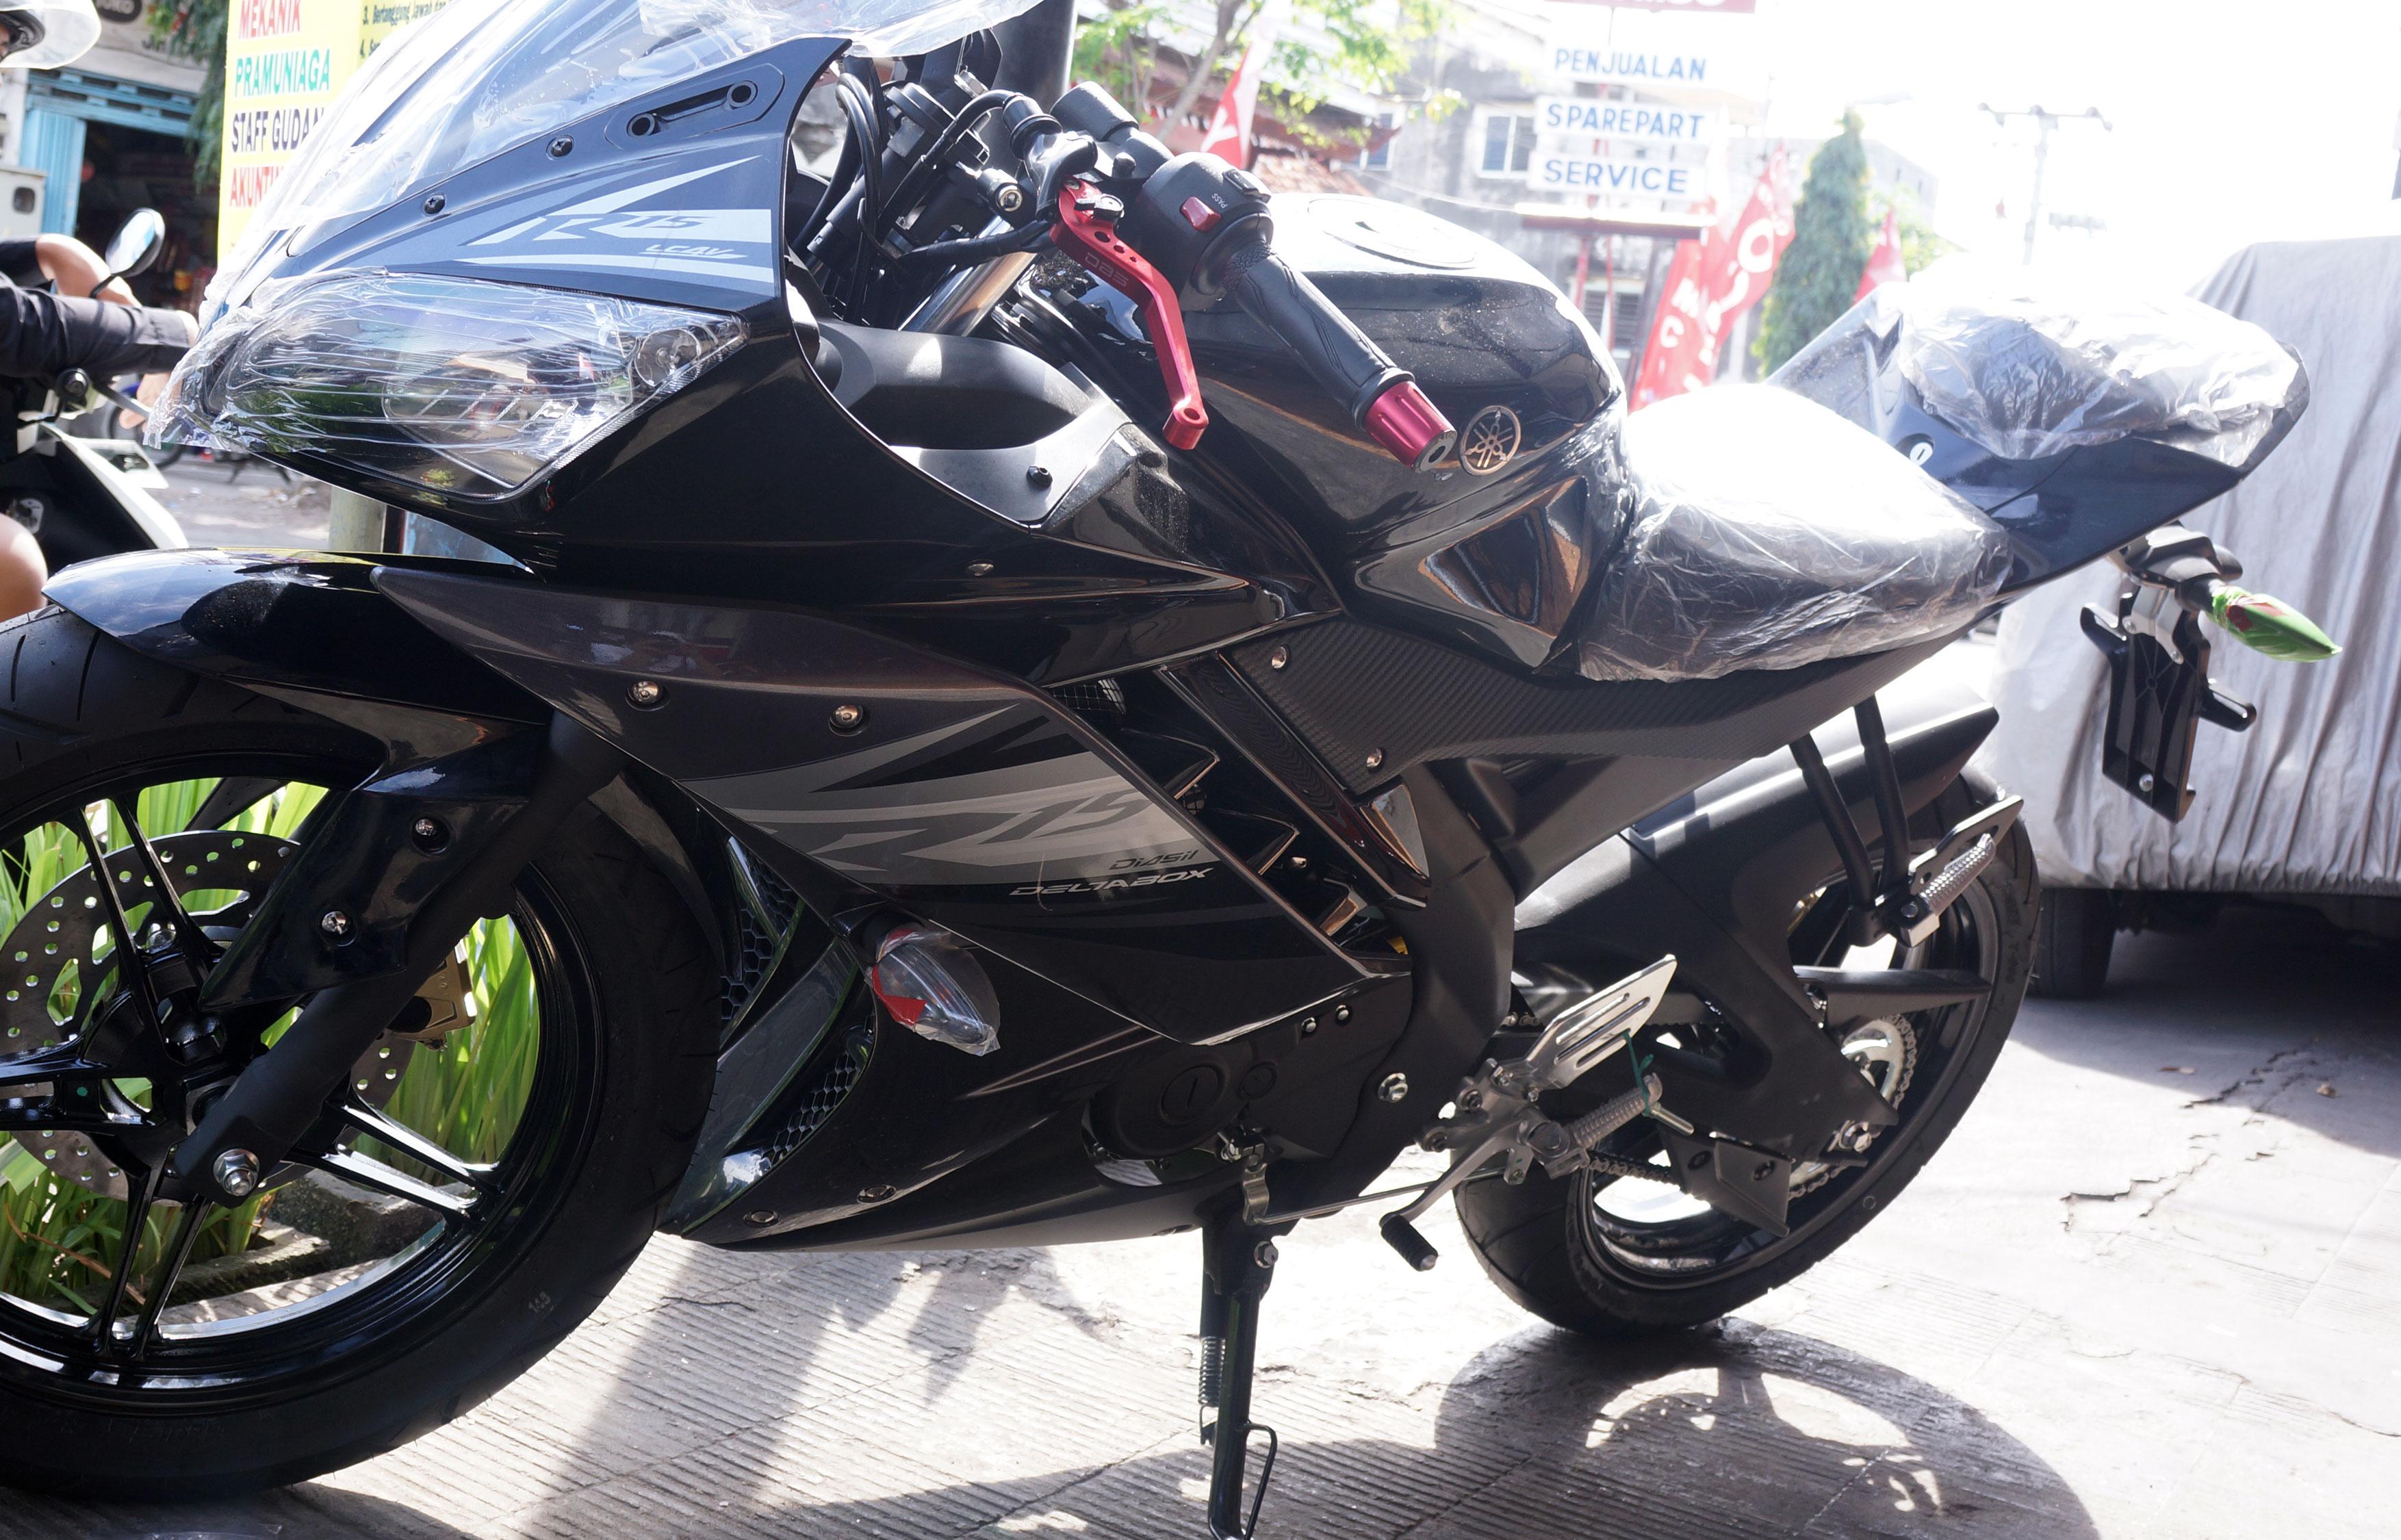 98 Modifikasi Motor Untuk Jualan Terbaru Oneng Motomania Kaisar Triseda Rx 250 Cc Long Box Harian Yamaha R15 Panduan Terlengkap